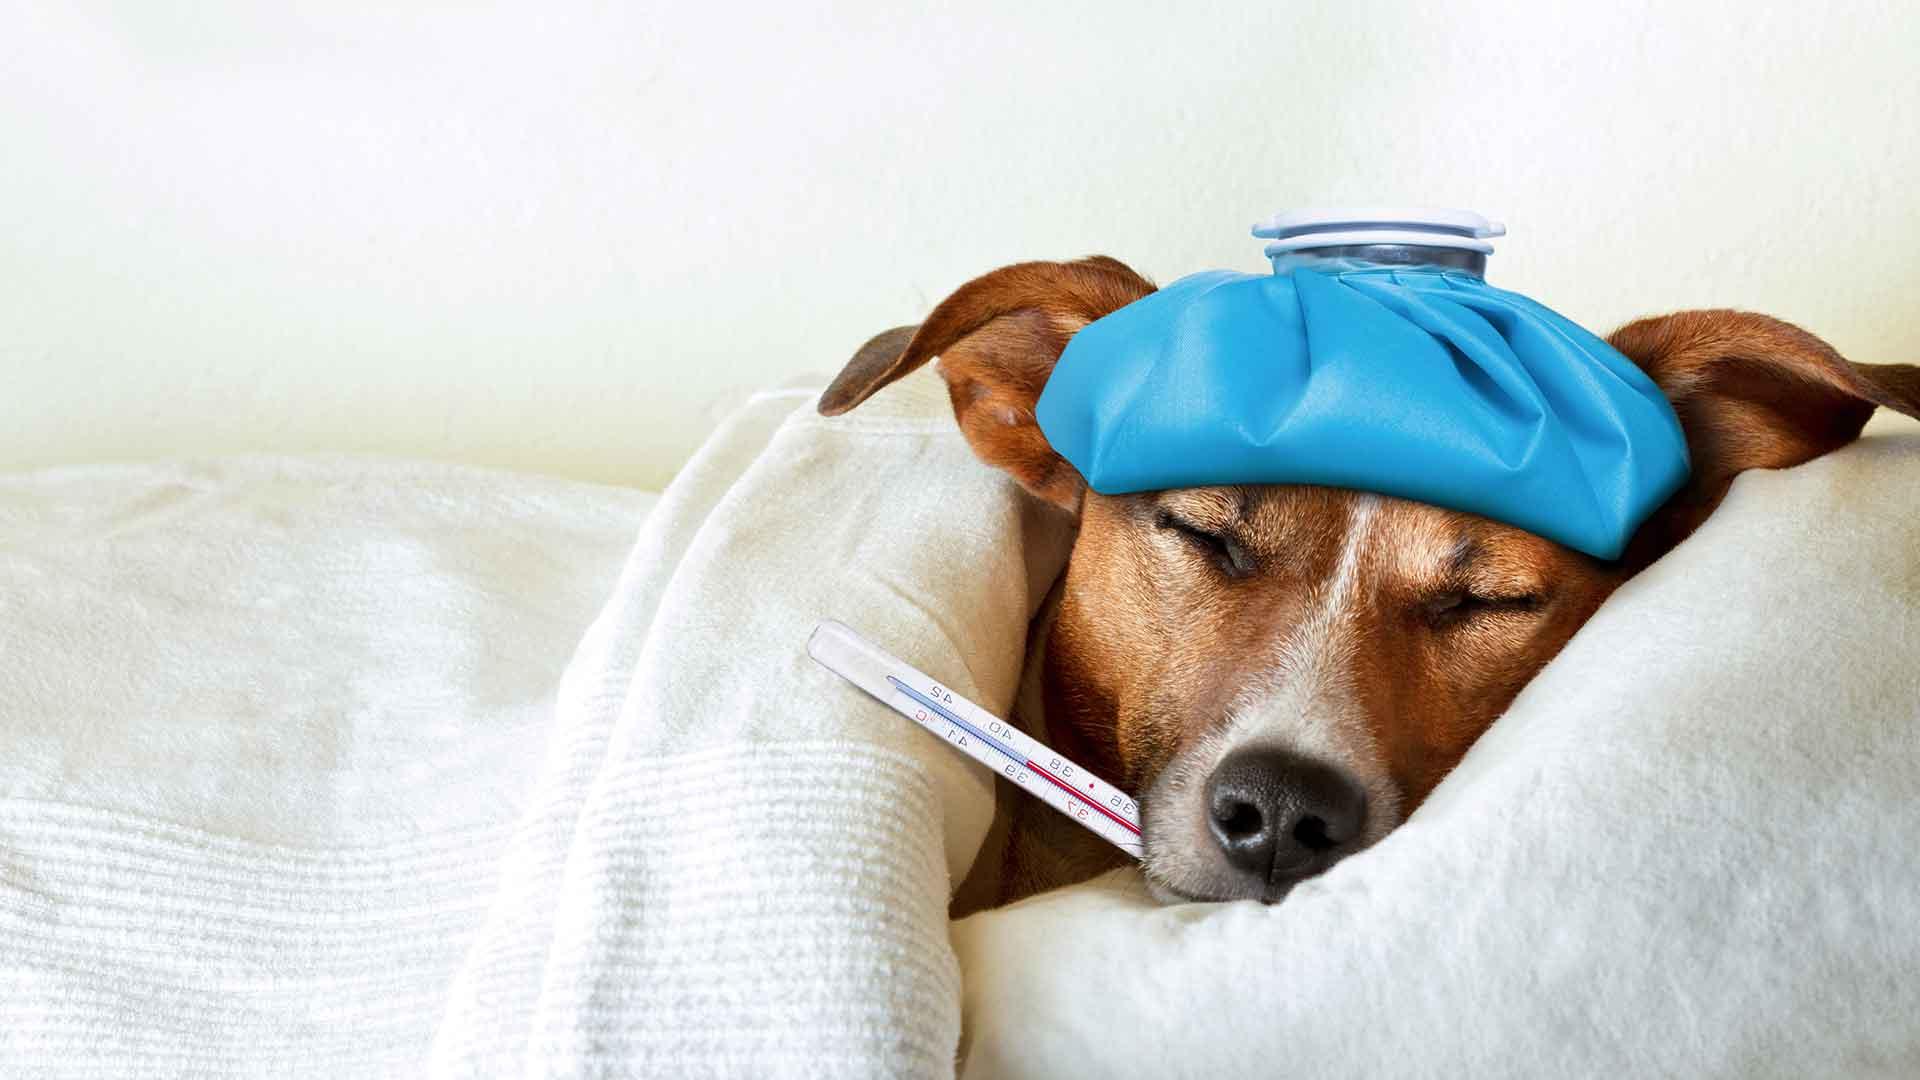 Un chien malade au lit avec un thermomètre dans la bouche et une couverture autour de lui